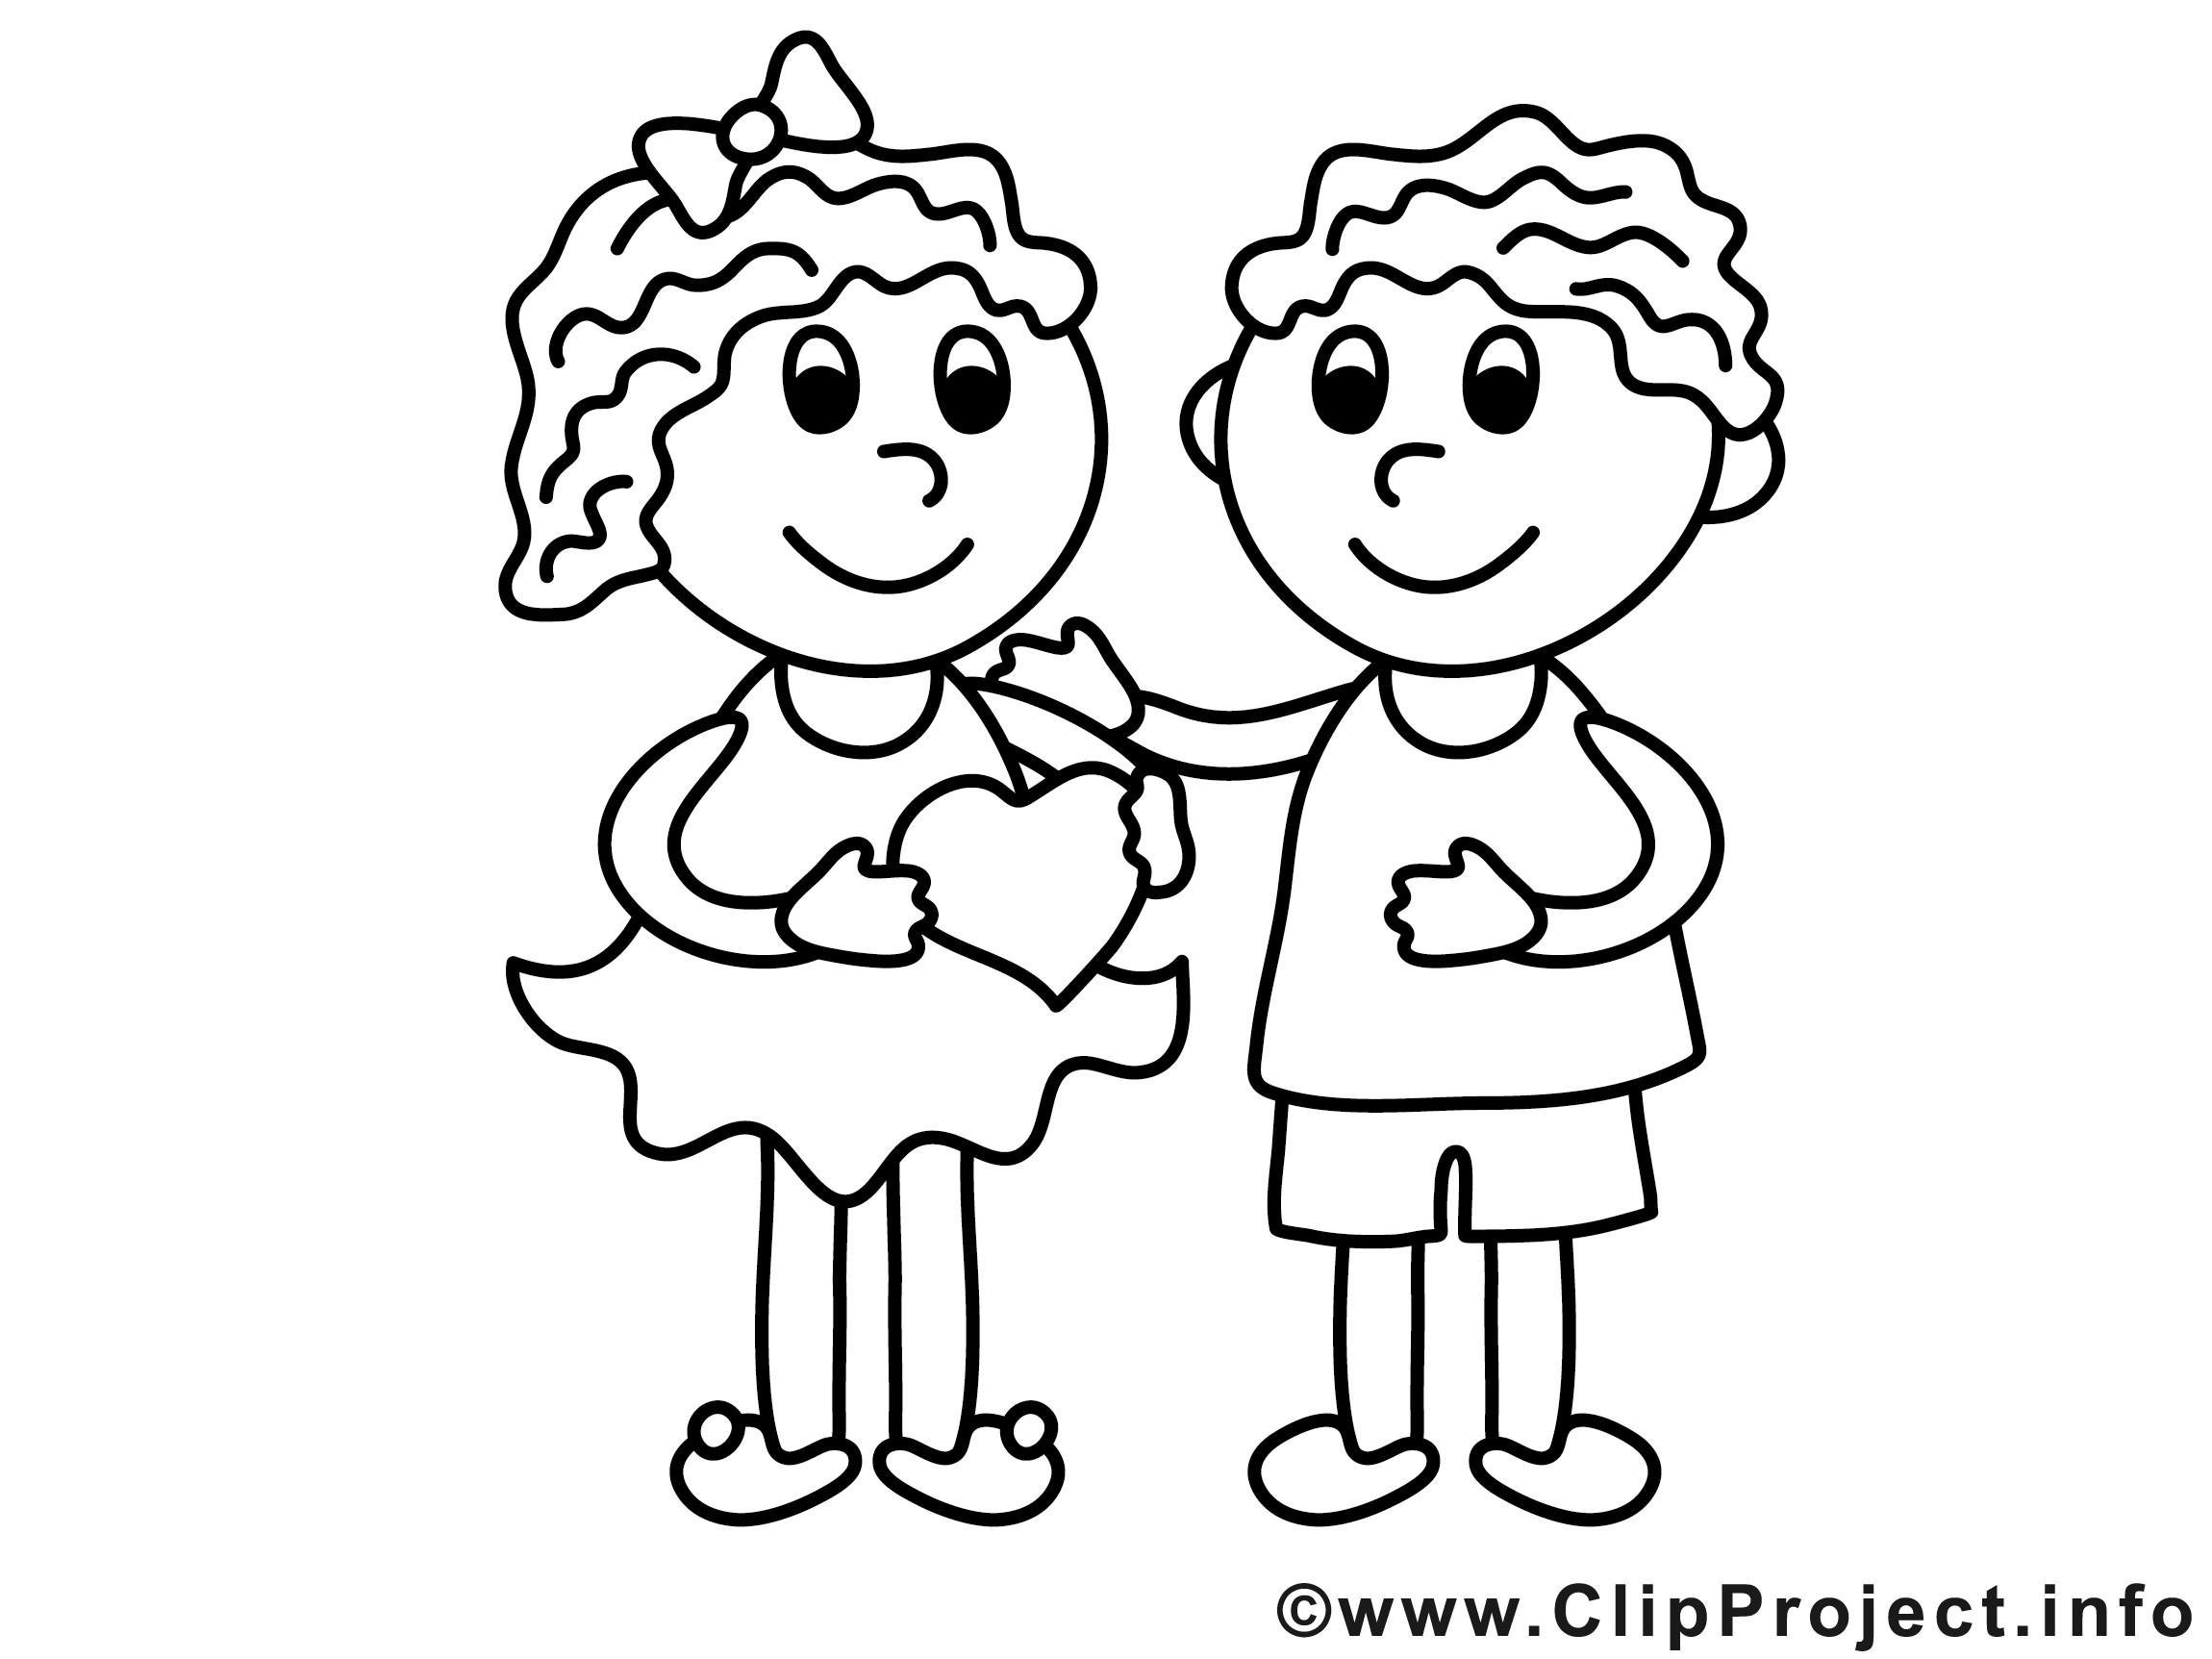 Malvorlagen Für Mädchen  Mädchen und Junge Valentinstag Ausmalbilder für Kinder